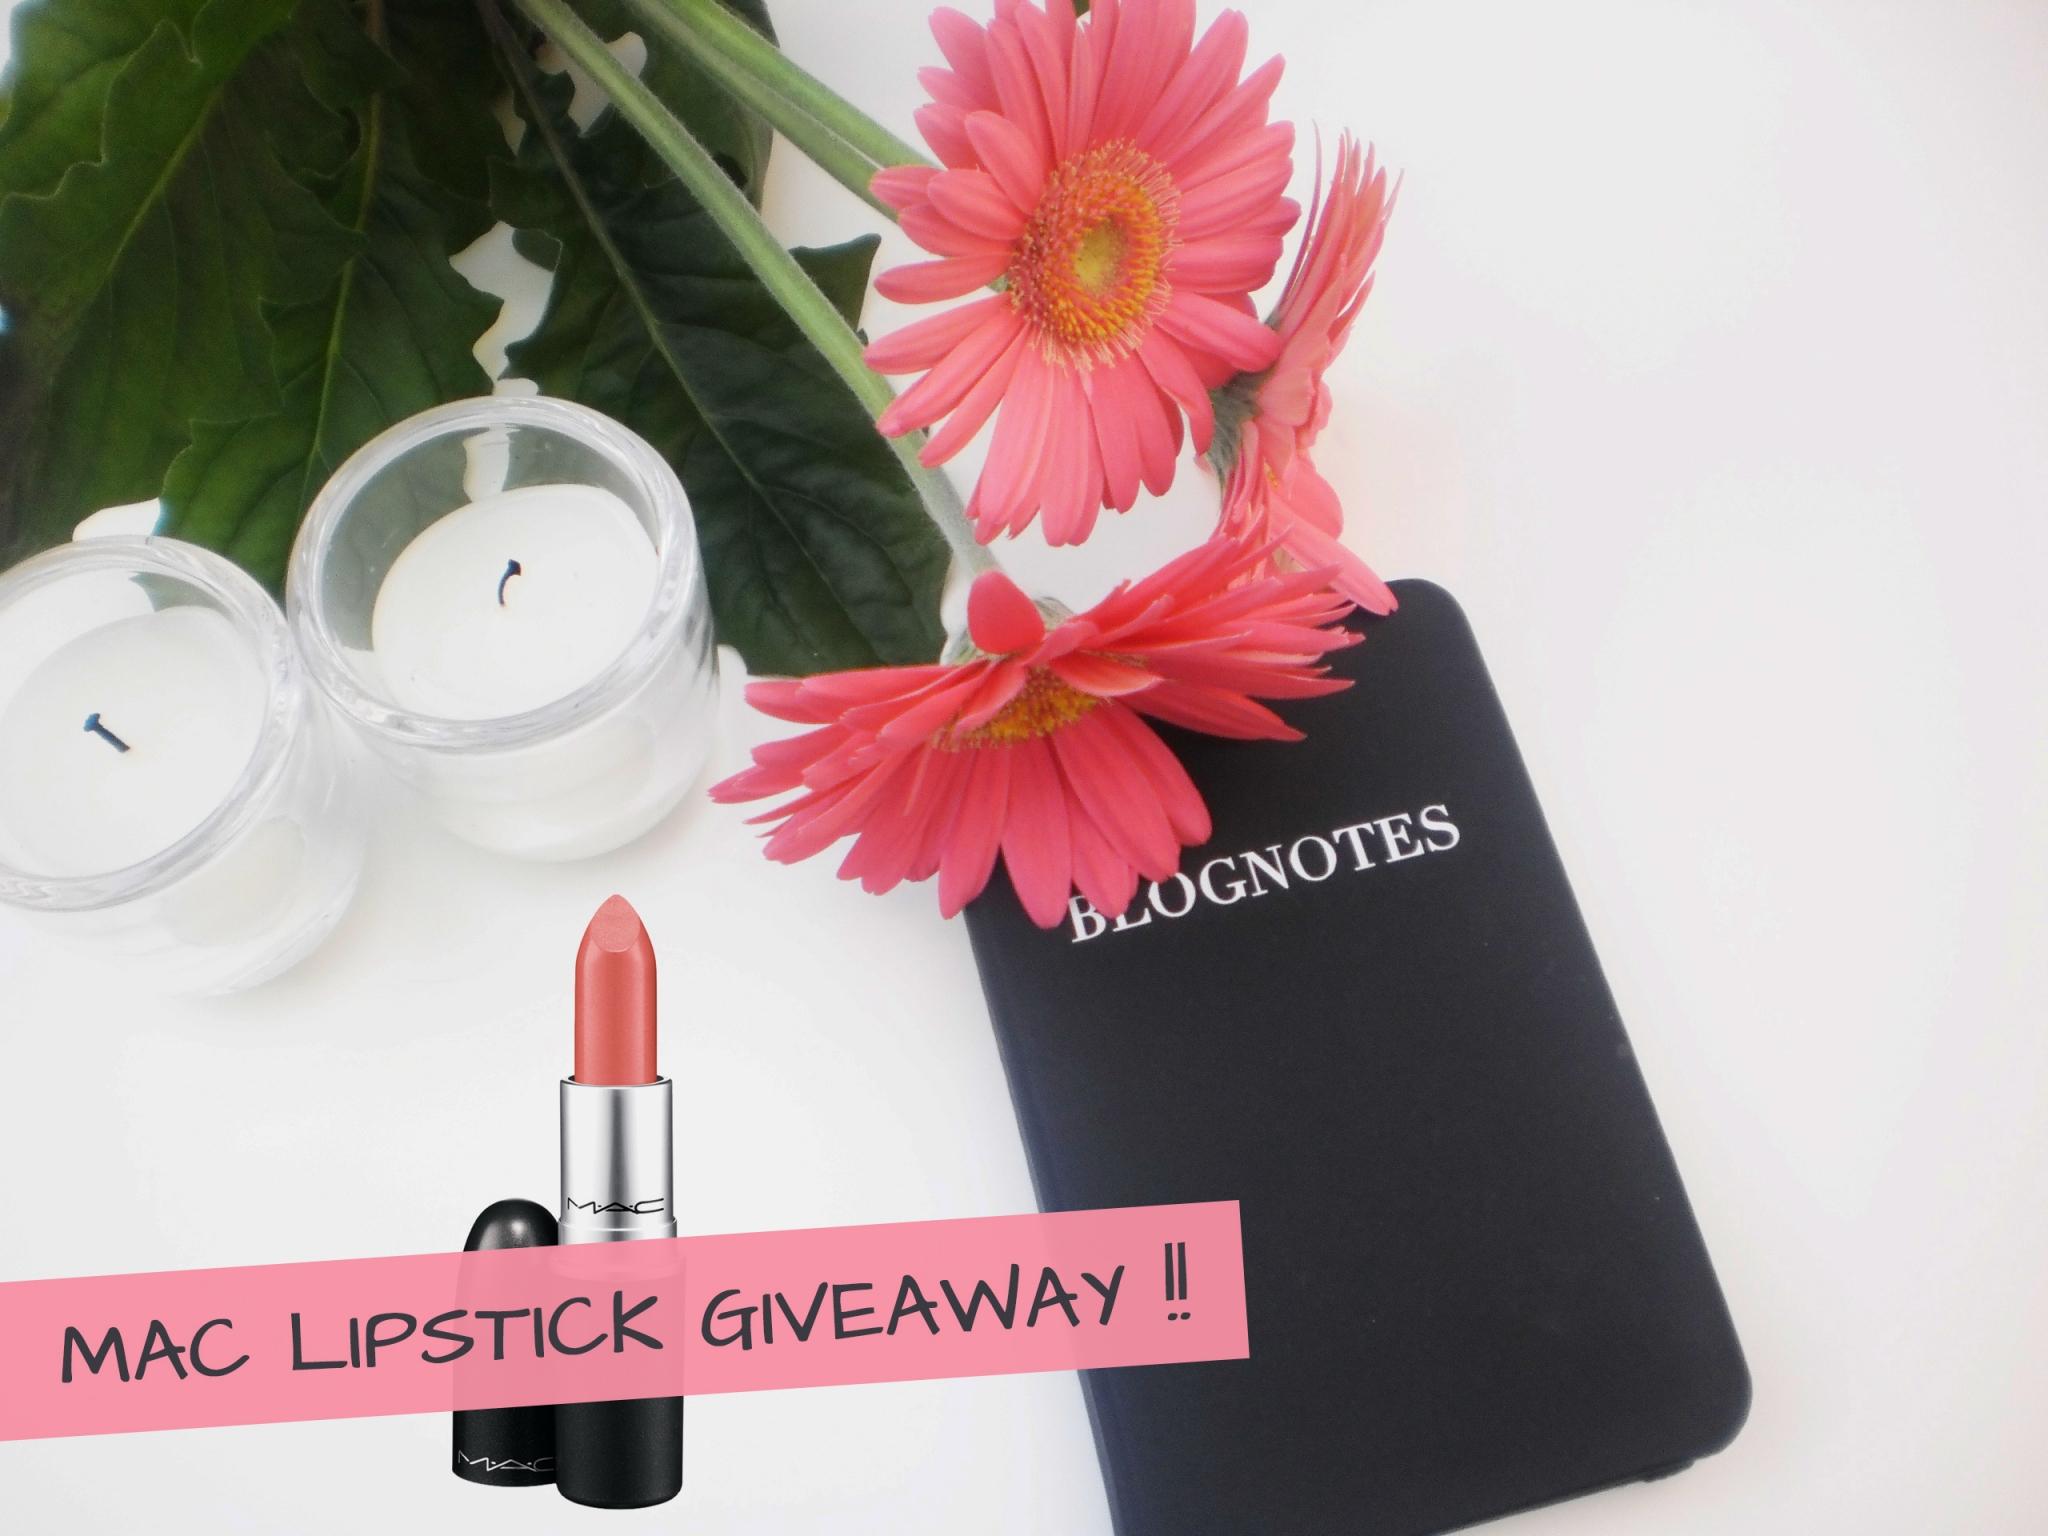 Reminder: Win een Mac Lipstick naar keuze!